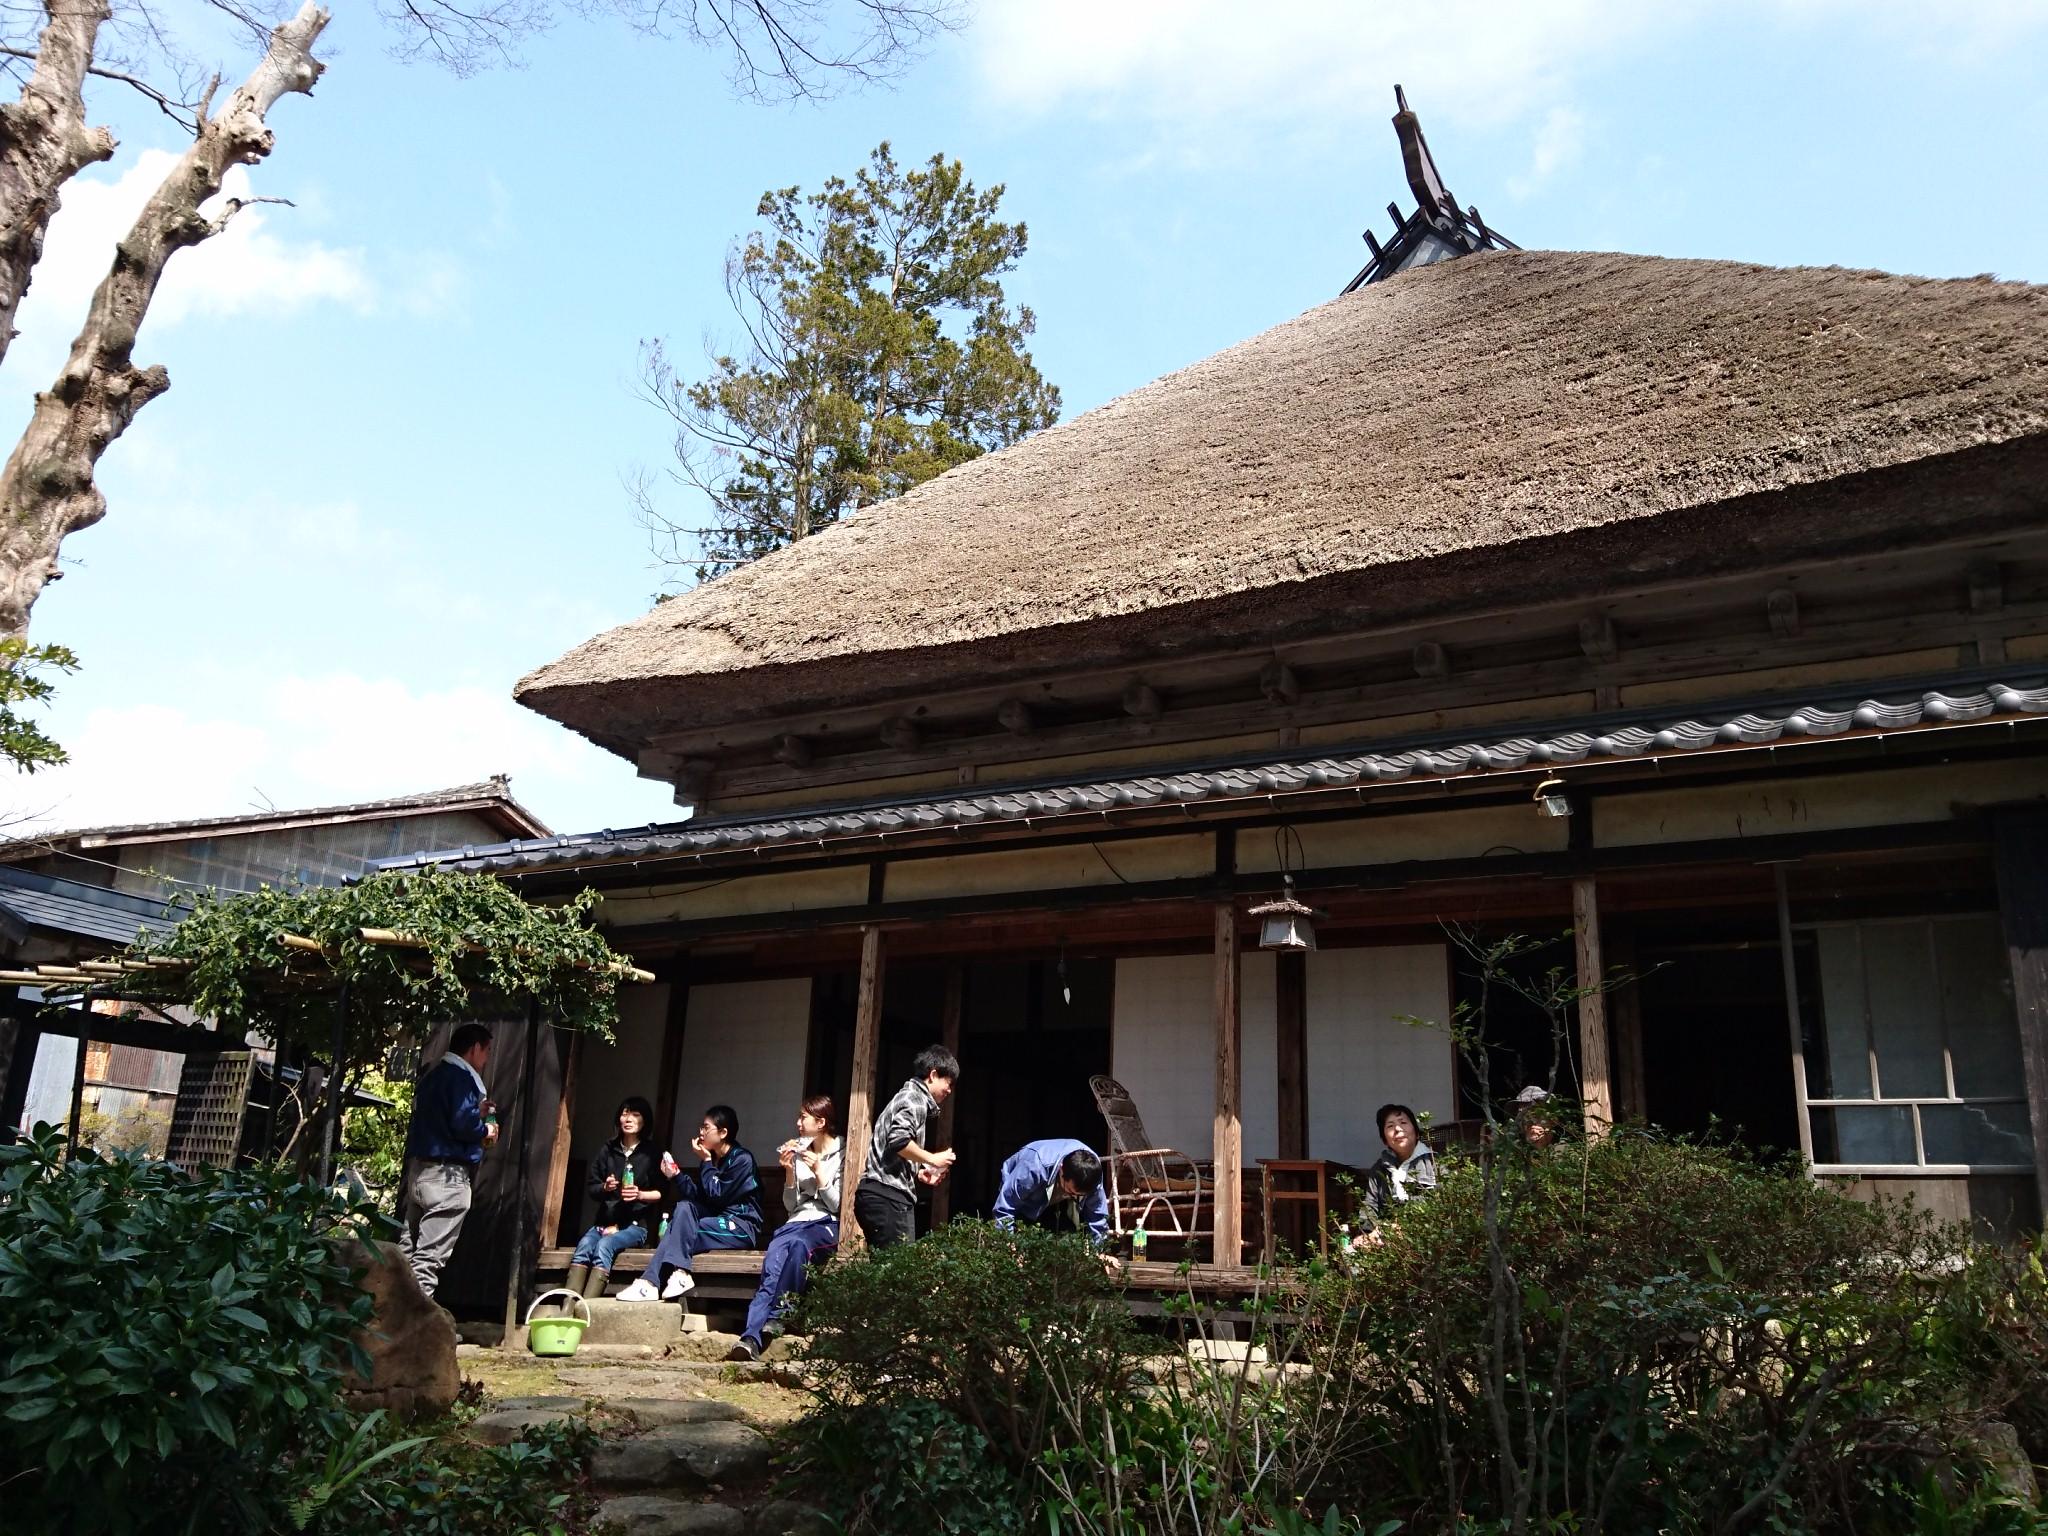 週末農業デビューしよう!新潟市西蒲区の「まきどき村」2016年も活動スタート